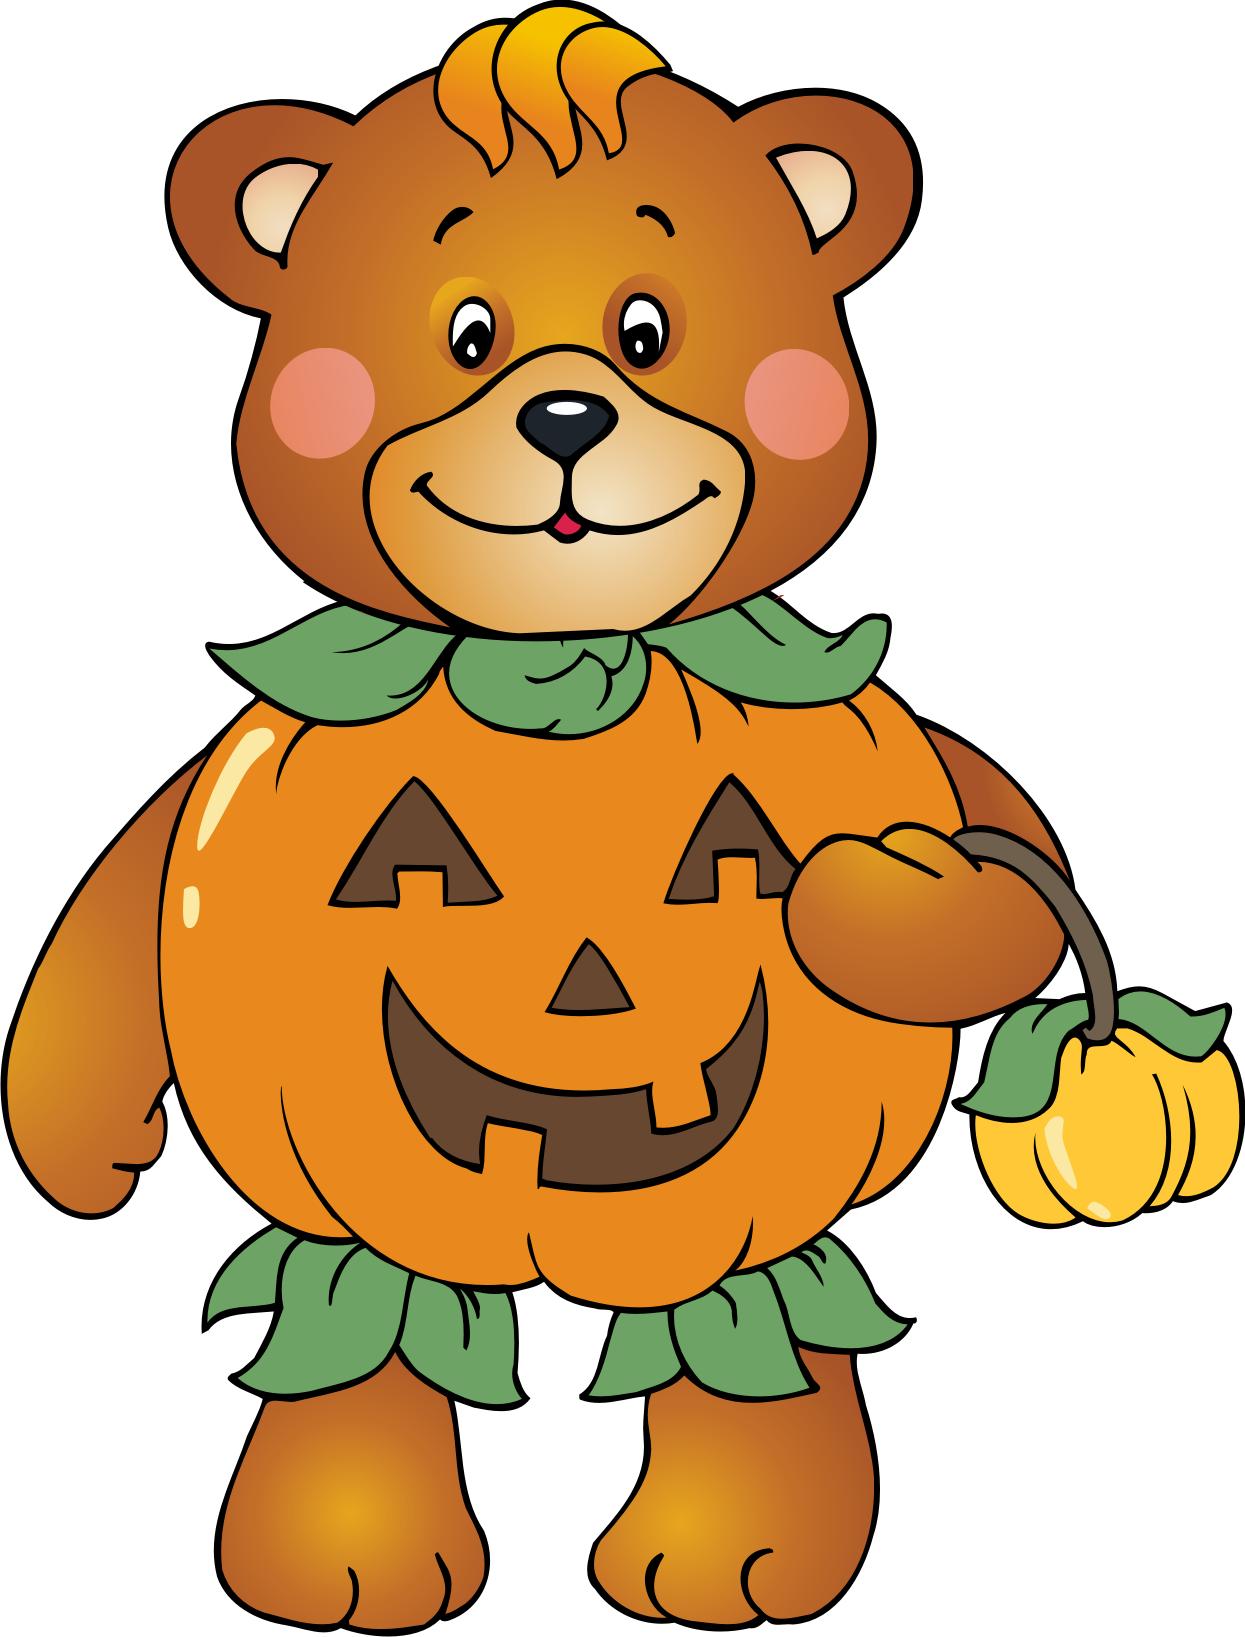 Bear clipart autumn #4